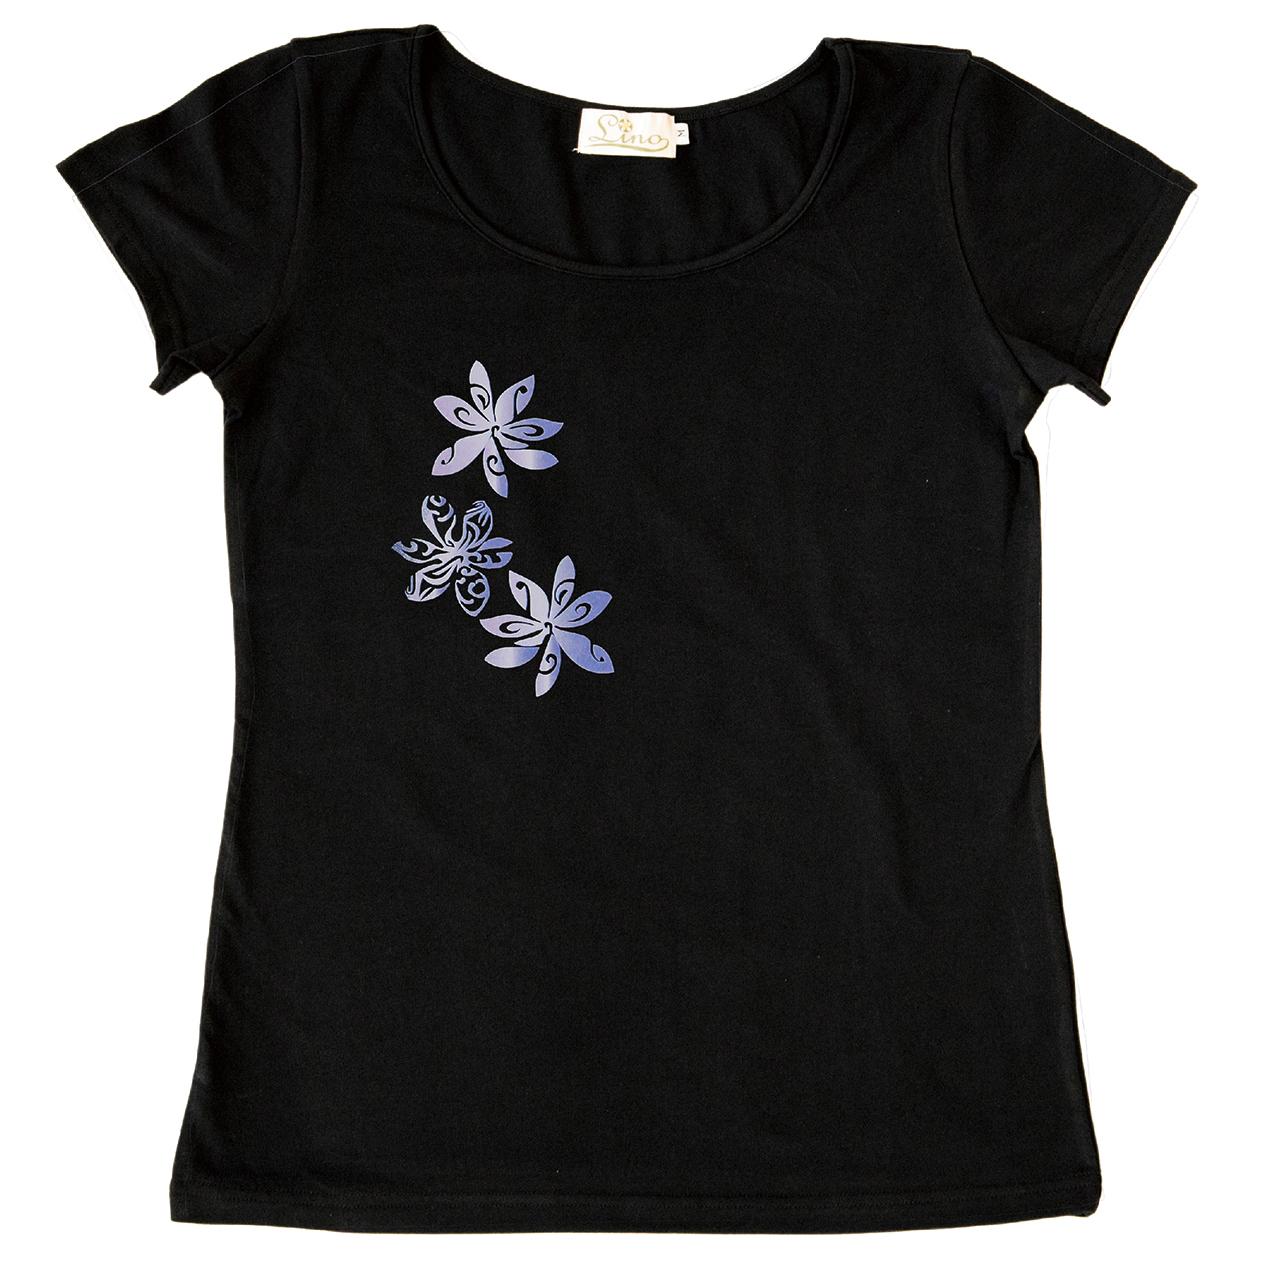 トライバル ティアレ  黒 Tシャツ